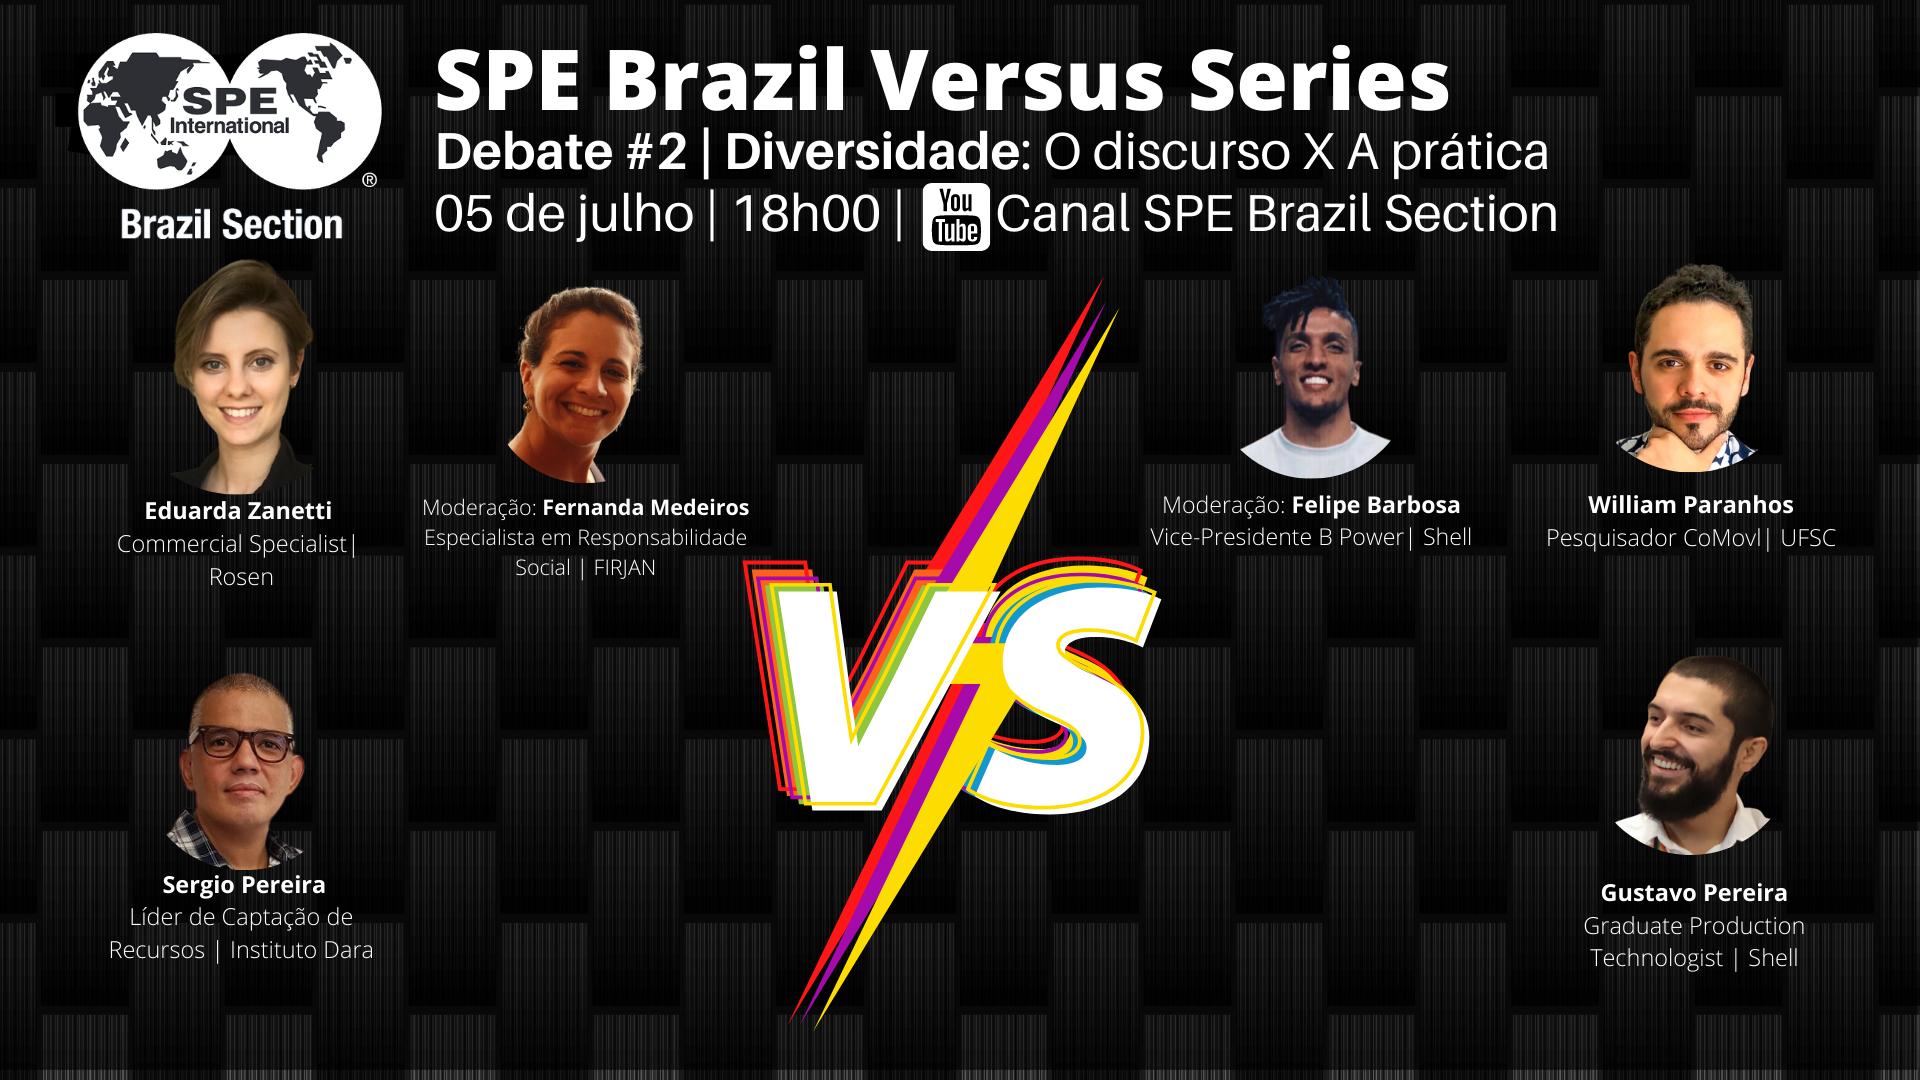 SPE Brazil Versus #02 – Diversidade: Discurso x Prática